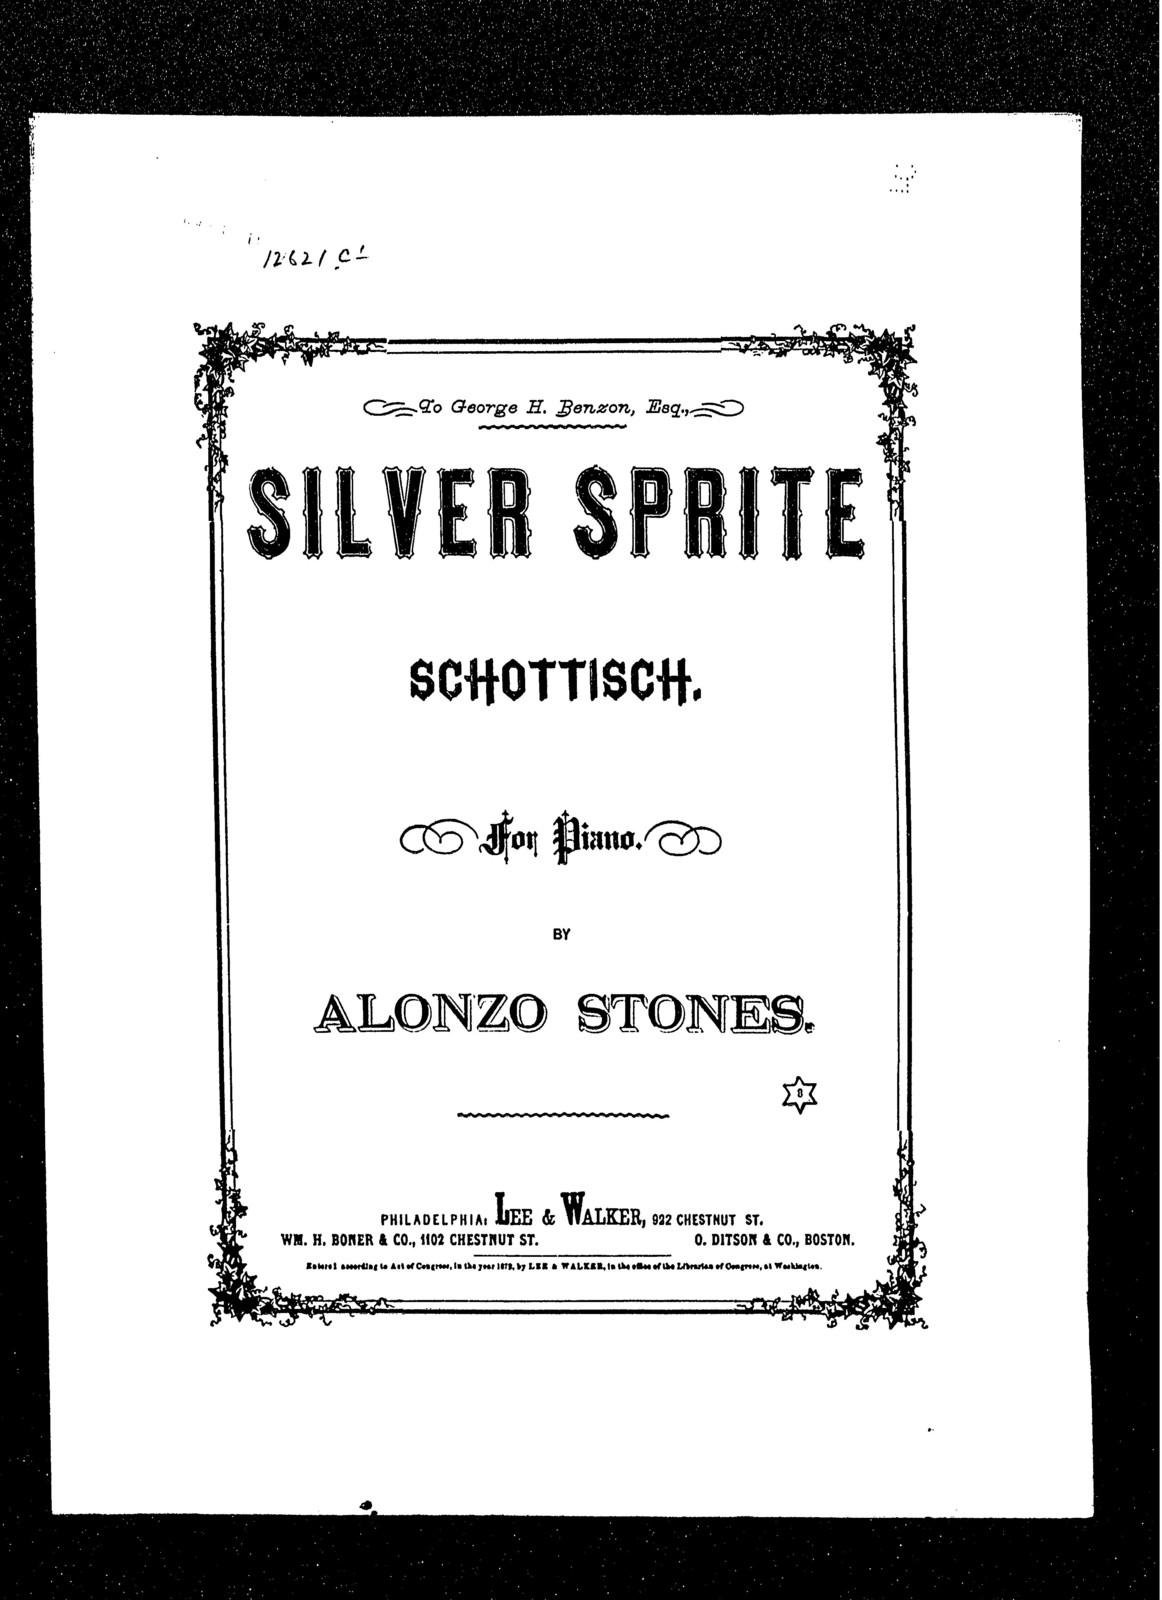 Silver sprite schottische